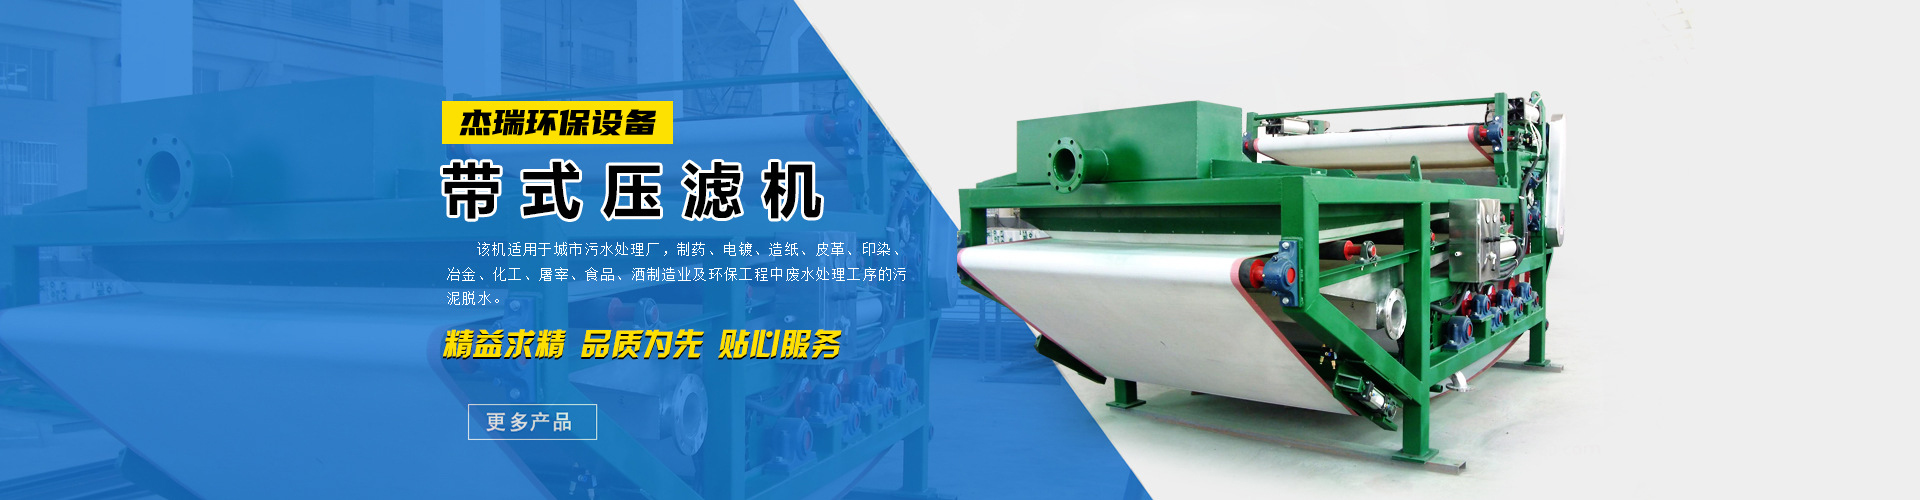 污水处理设备>压滤机